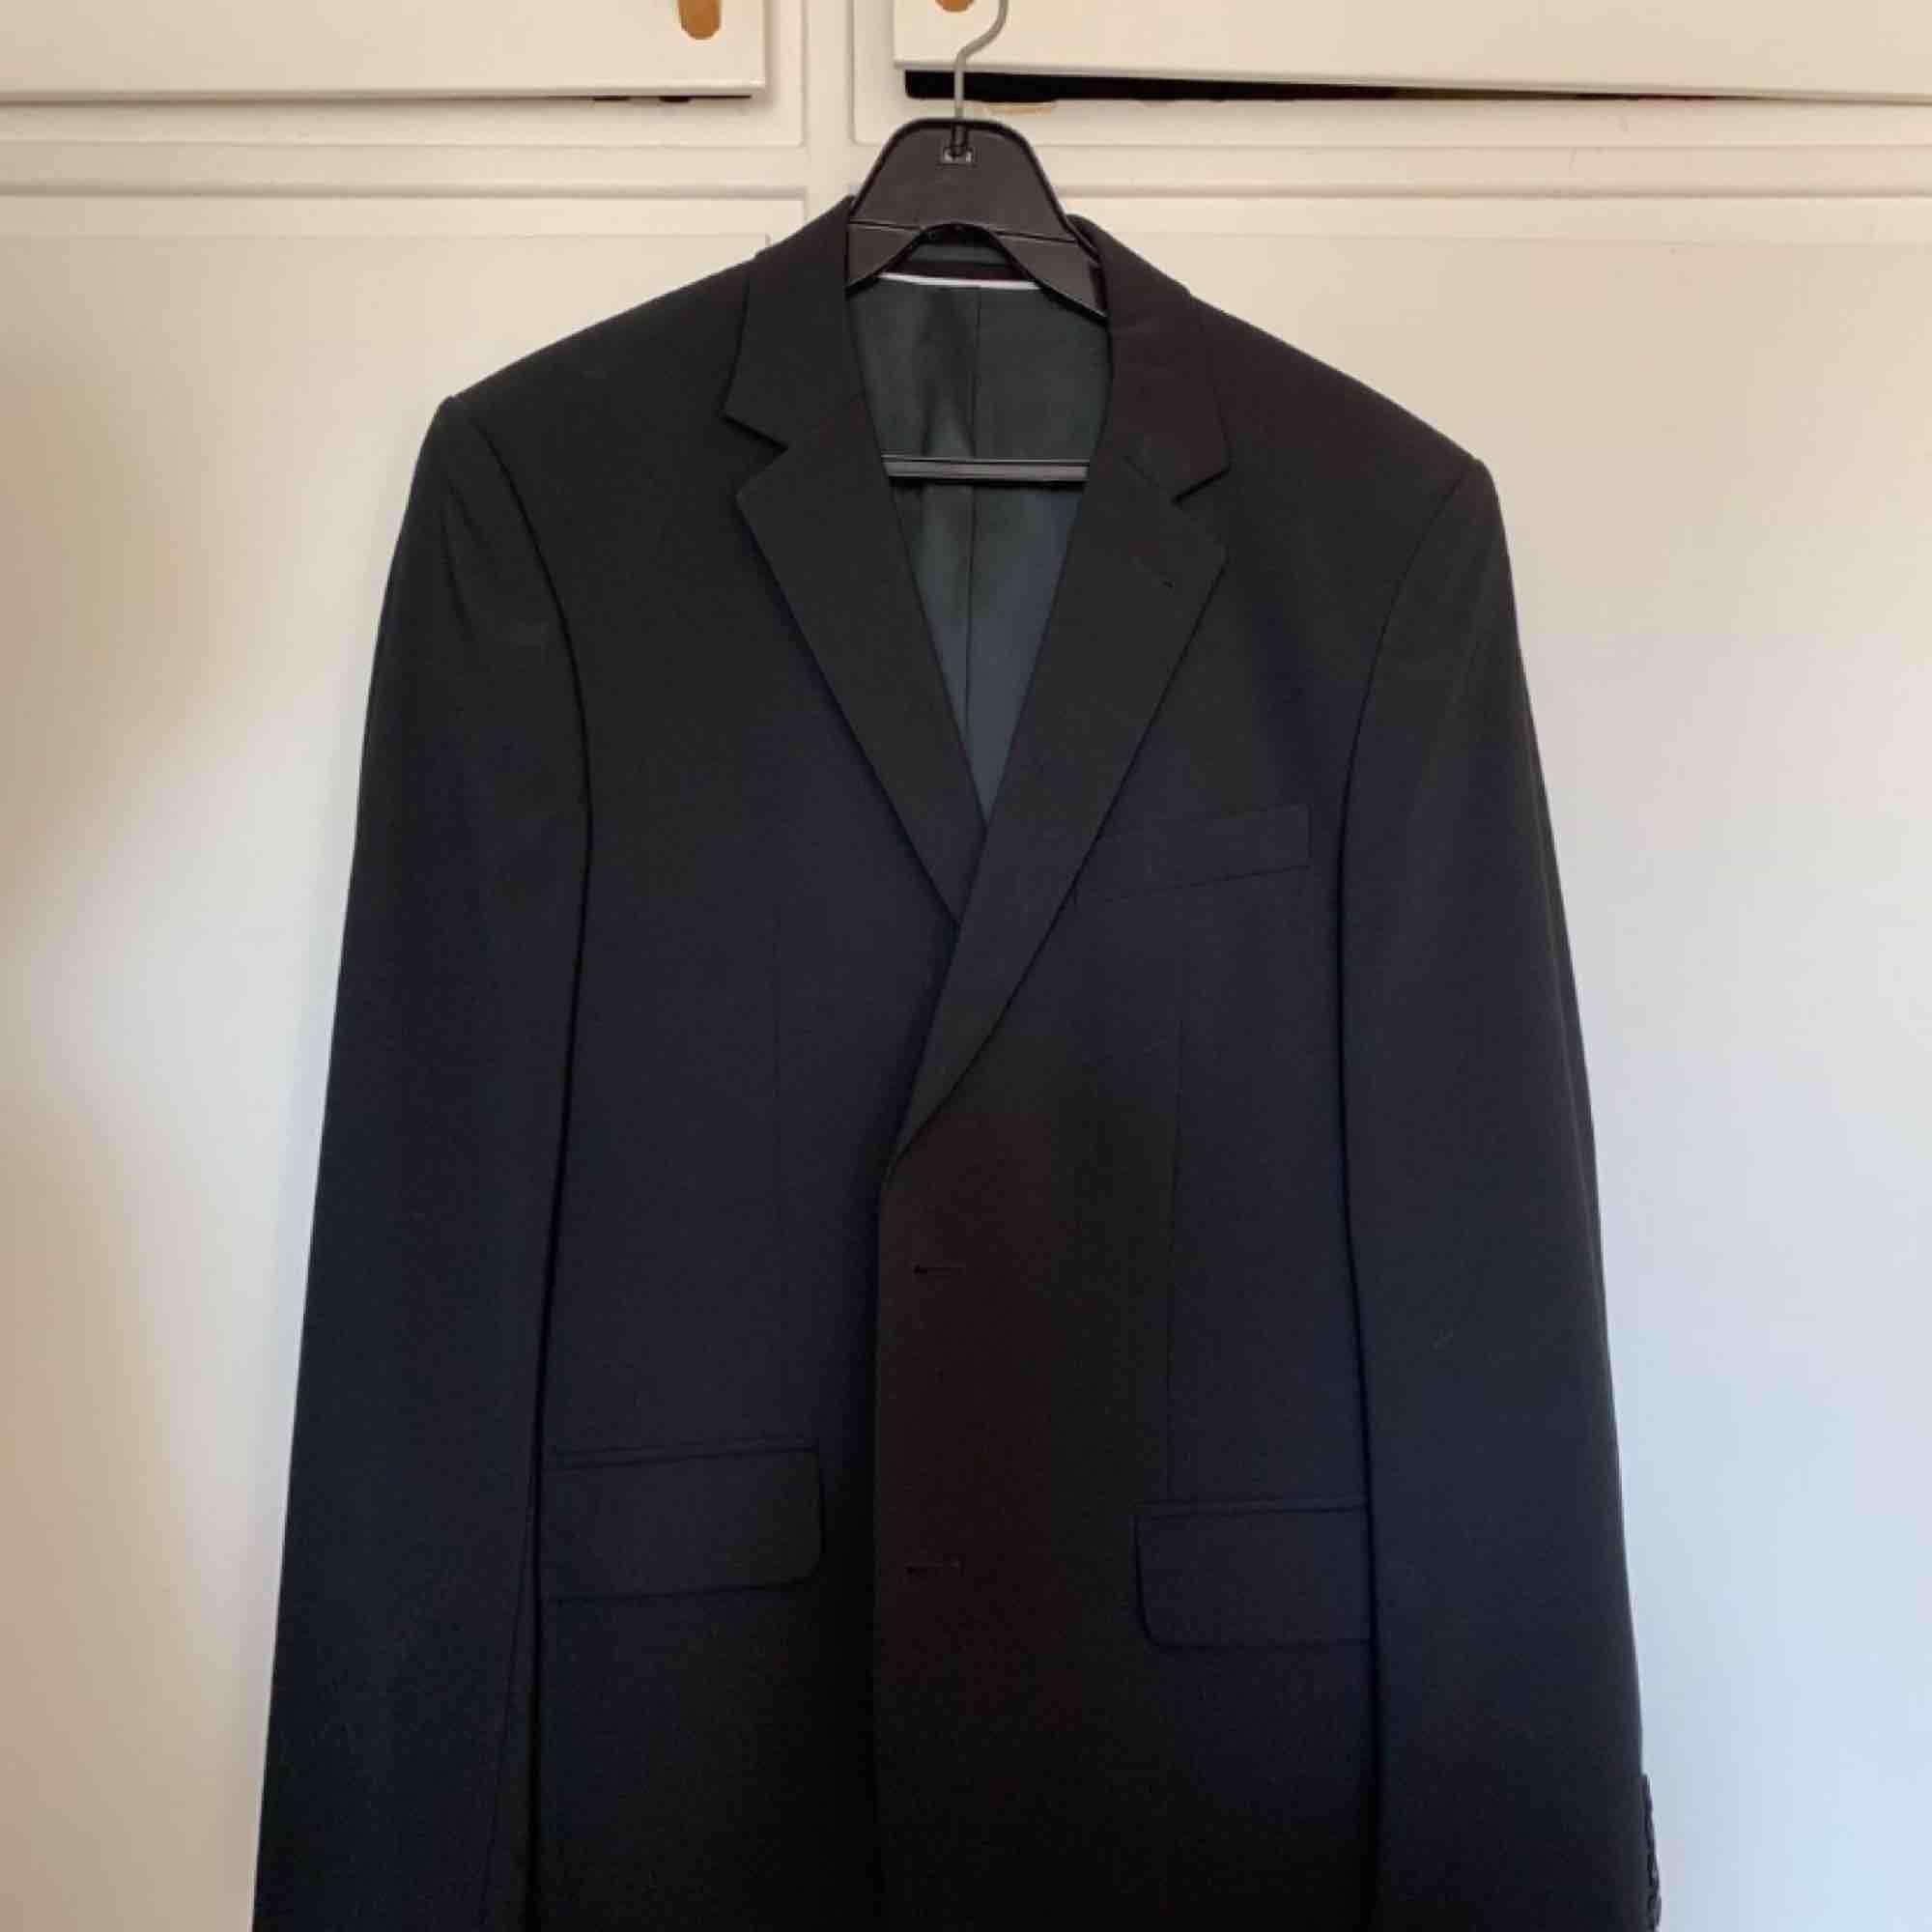 Svart herrkostym från Riley. Köpt på Brothers för ett par år sedan för ca 3000:-, men bara använd två gånger så den är i nyskick.  Kavaj storlek 48 Kostymbyxor storlek 50  Kan hämtas i Malmö eller skickas om köparen står för frakten:) . Kostymer.